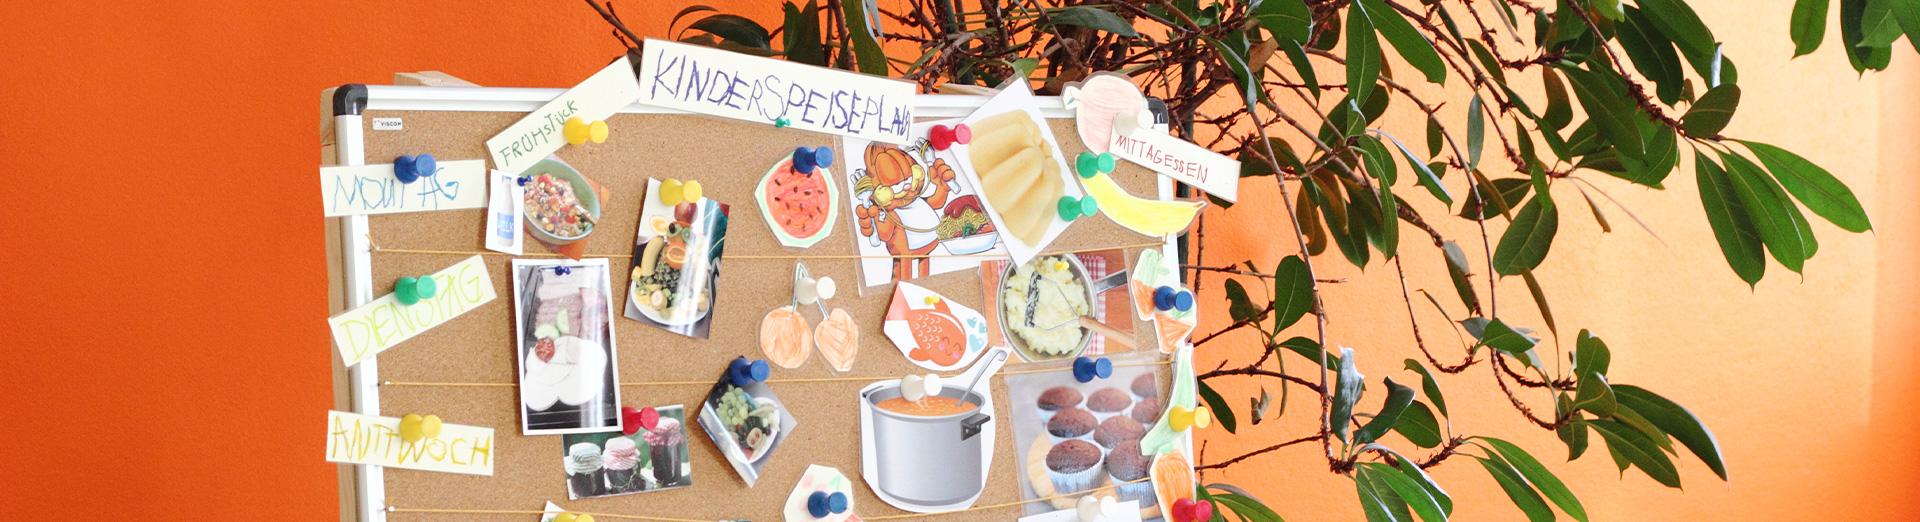 Kinderspeiseplan mit Bildern, Fotos und Texten